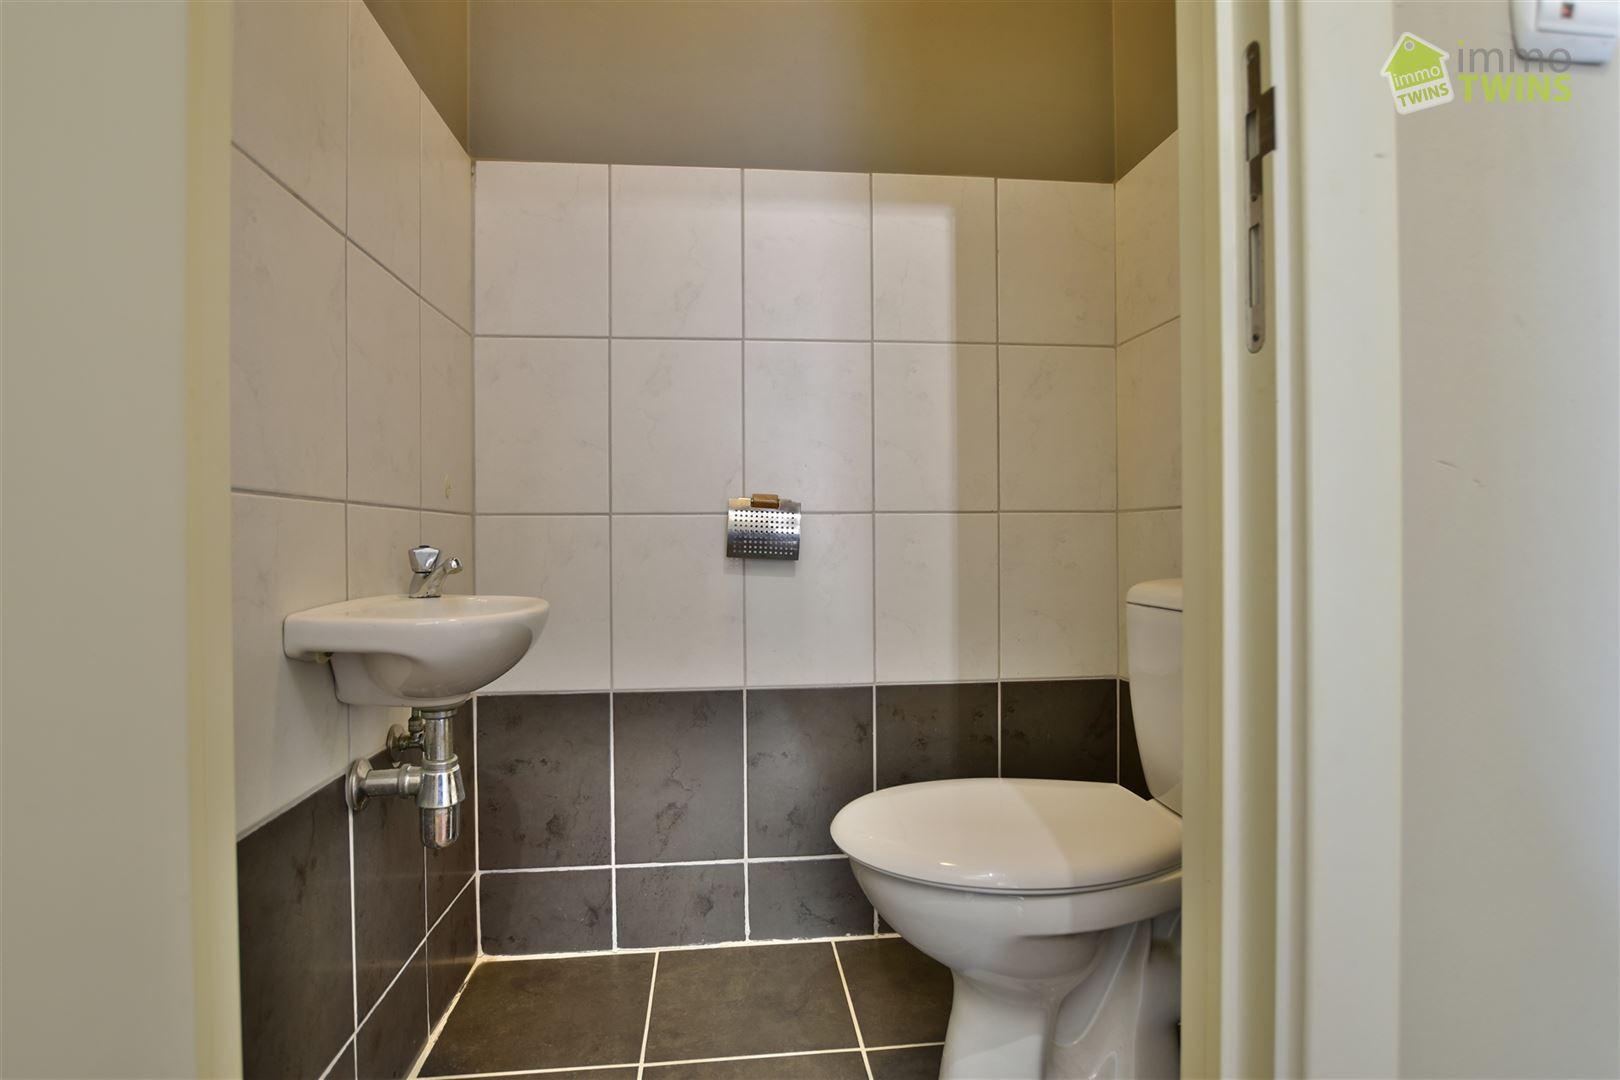 Foto 18 : Appartement te 9200 Sint-Gillis-bij-Dendermonde (België) - Prijs € 219.000